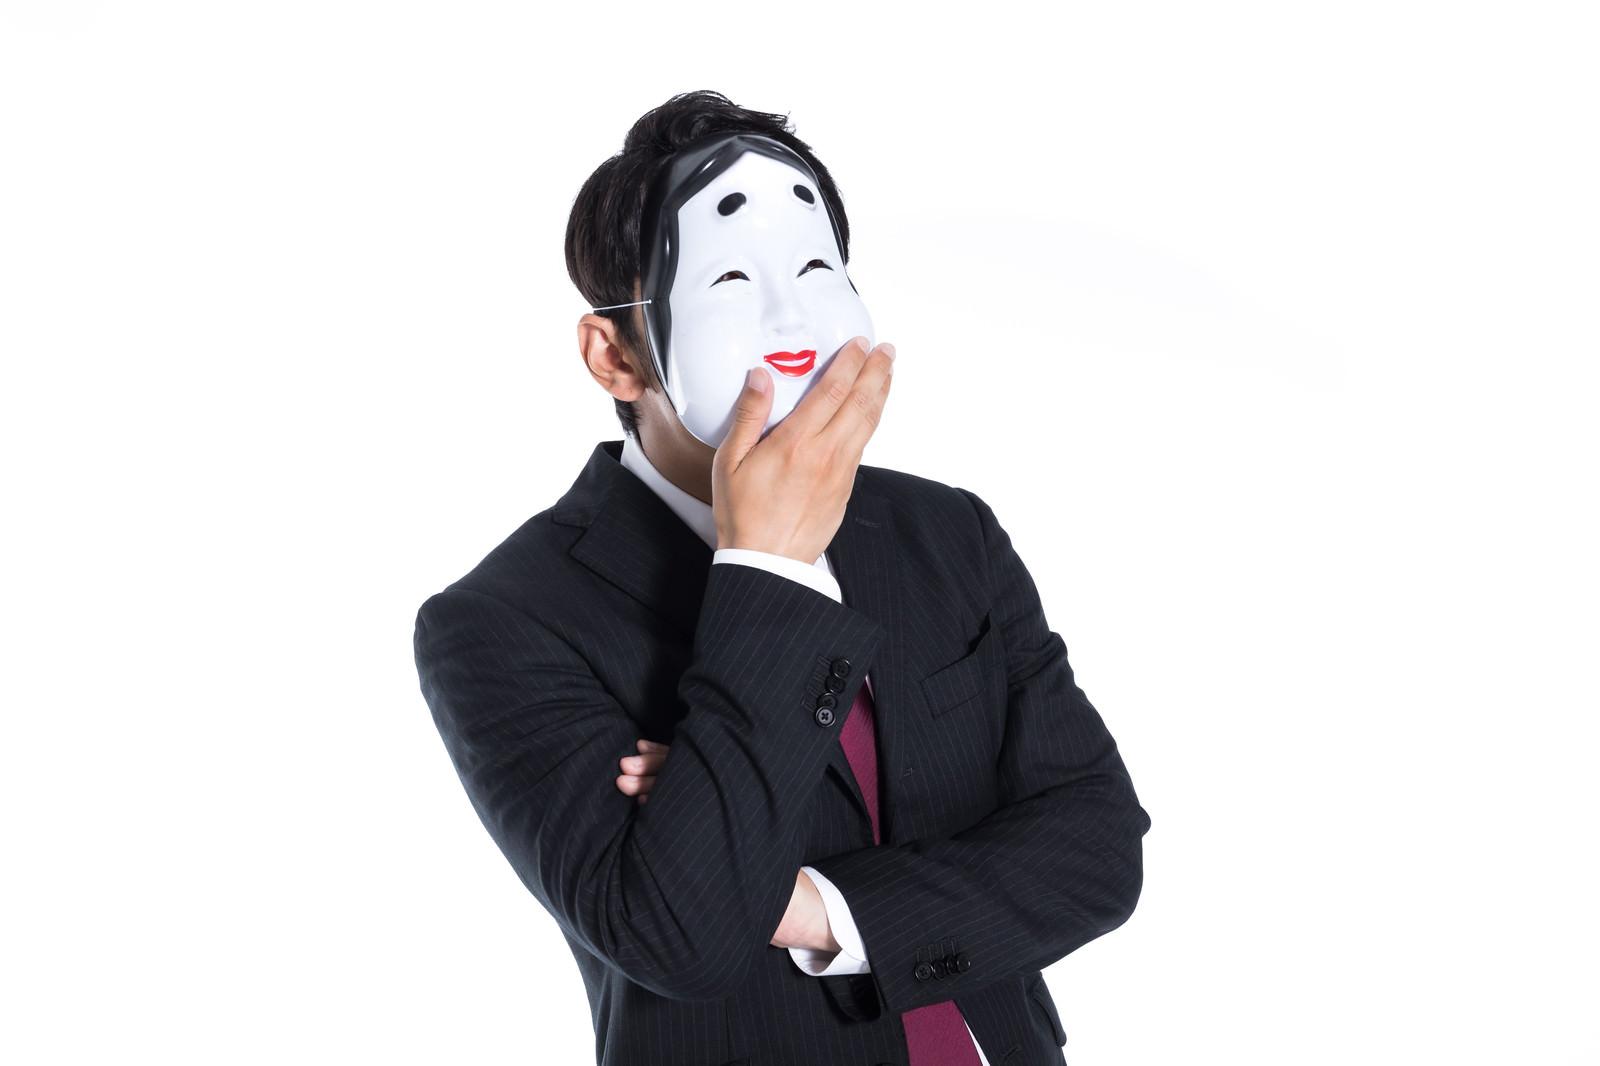 「騙された人間を見て笑うおかめ」の写真[モデル:大川竜弥]